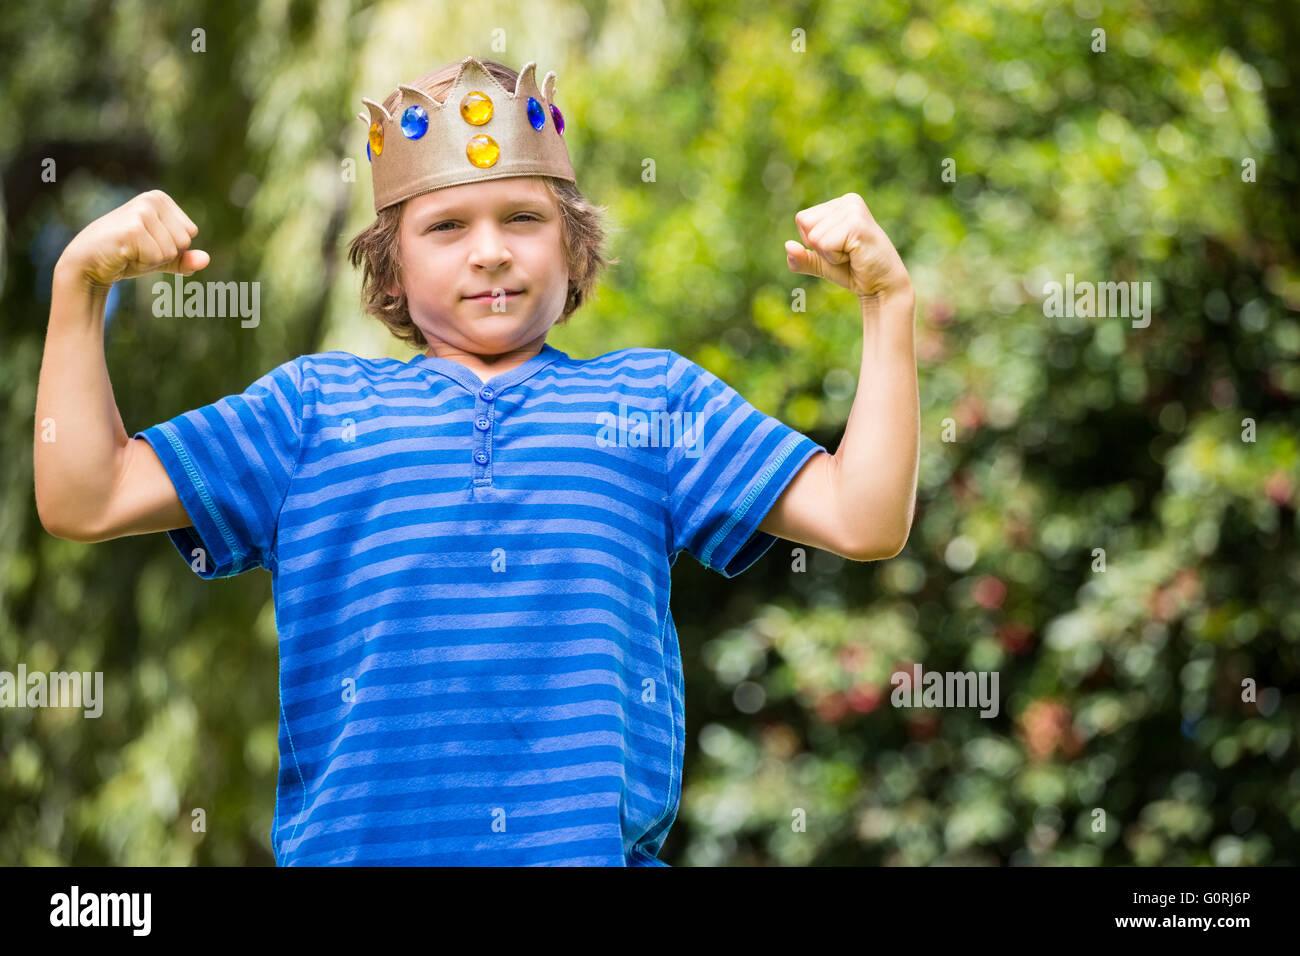 Chico lindo con una corona mostrando sus músculos Imagen De Stock